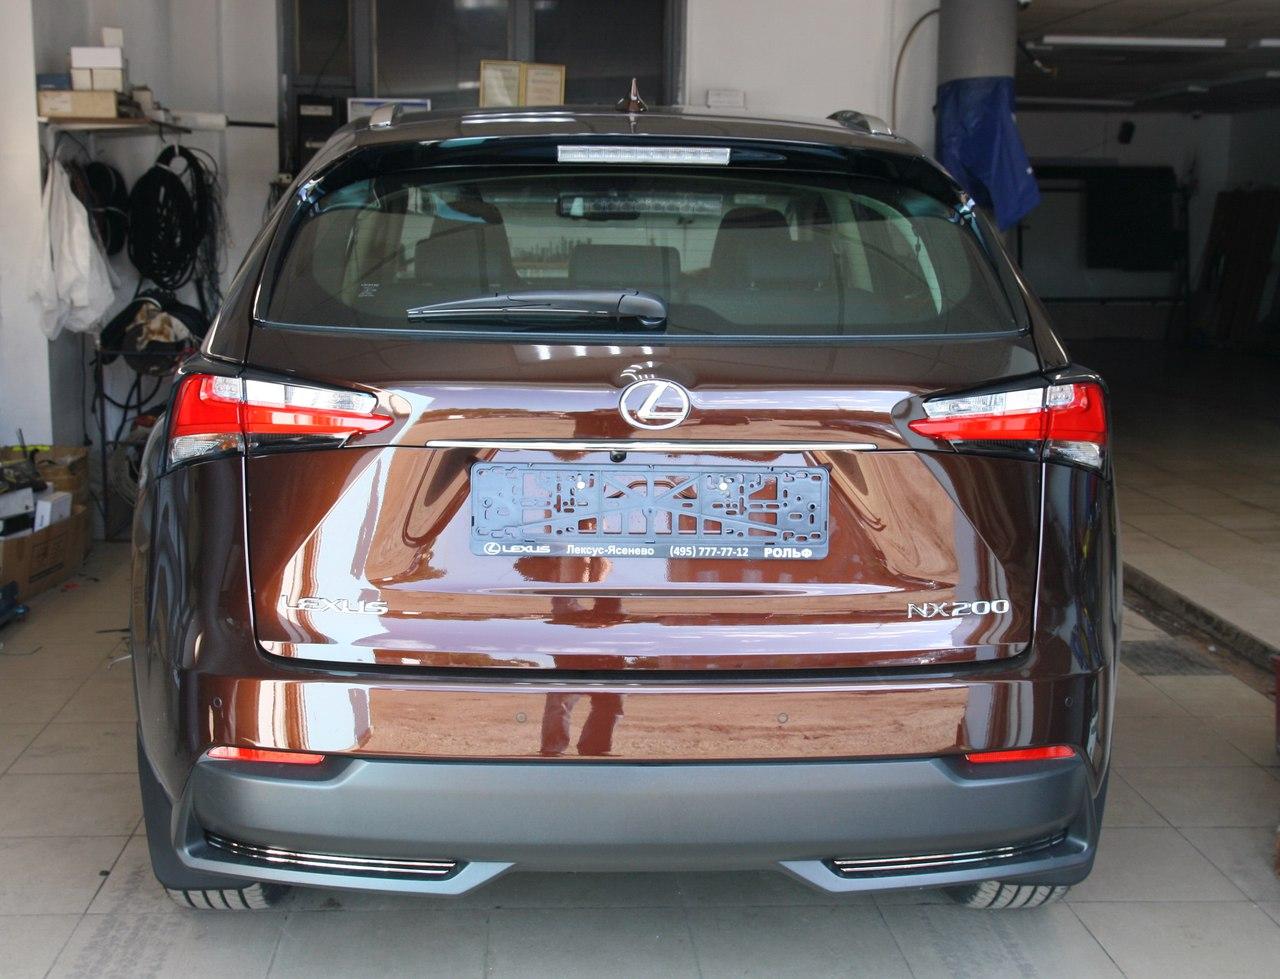 Установка иммобилайзера Starline i95Lux и замка капота ProSecurity на Lexus NX-200